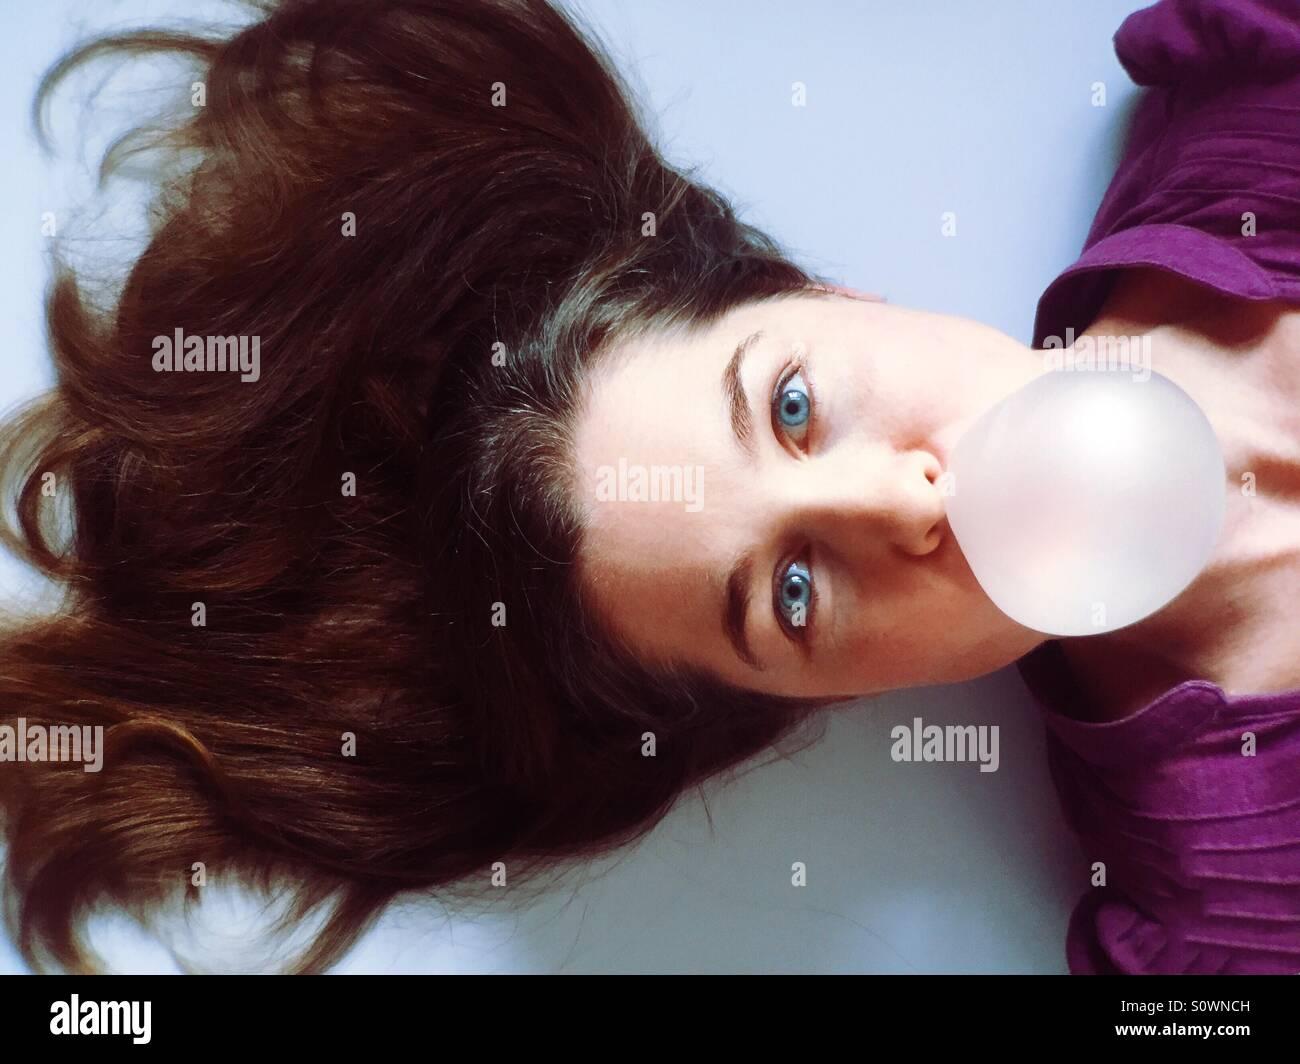 Donna soffiando una bolla bubble gum Immagini Stock